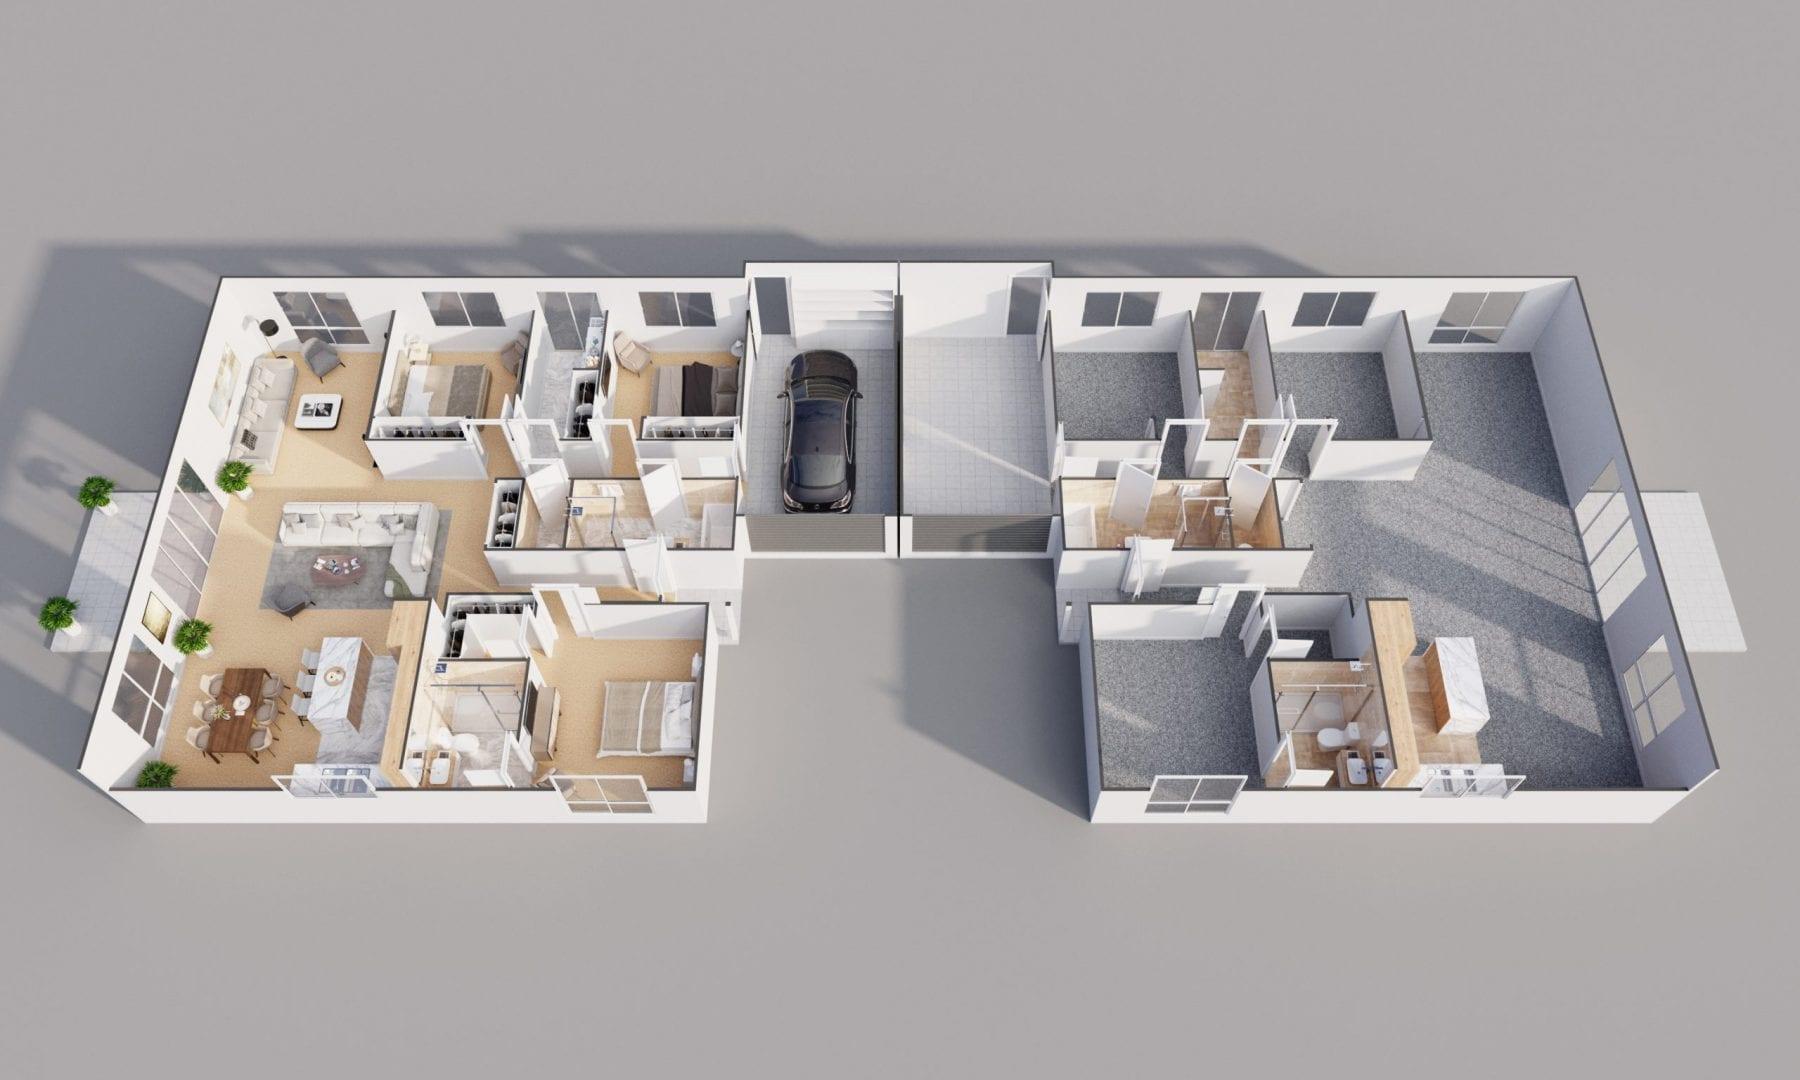 Visual Render 3D Floor Plan